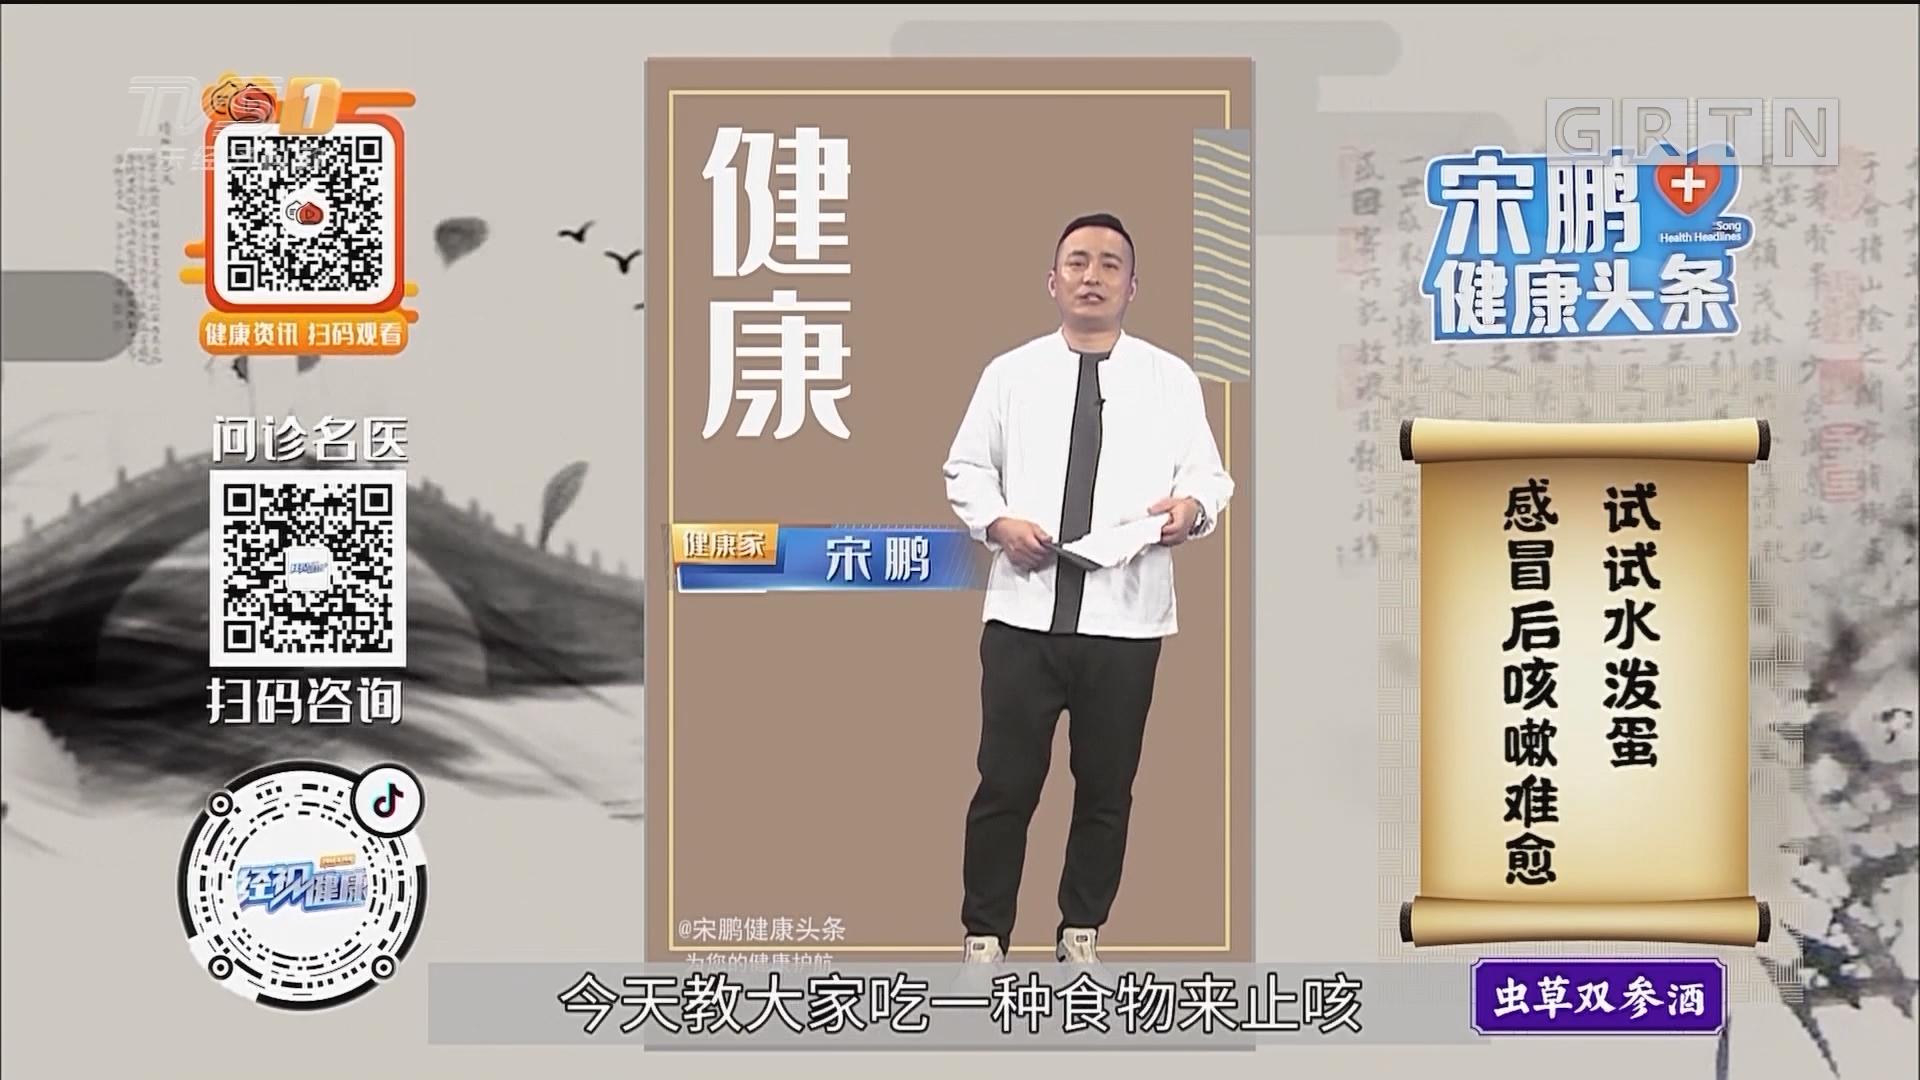 [HD][2019-09-02]經視健康+:宋鵬健康頭條:感冒后咳嗽難愈 試試水潑蛋